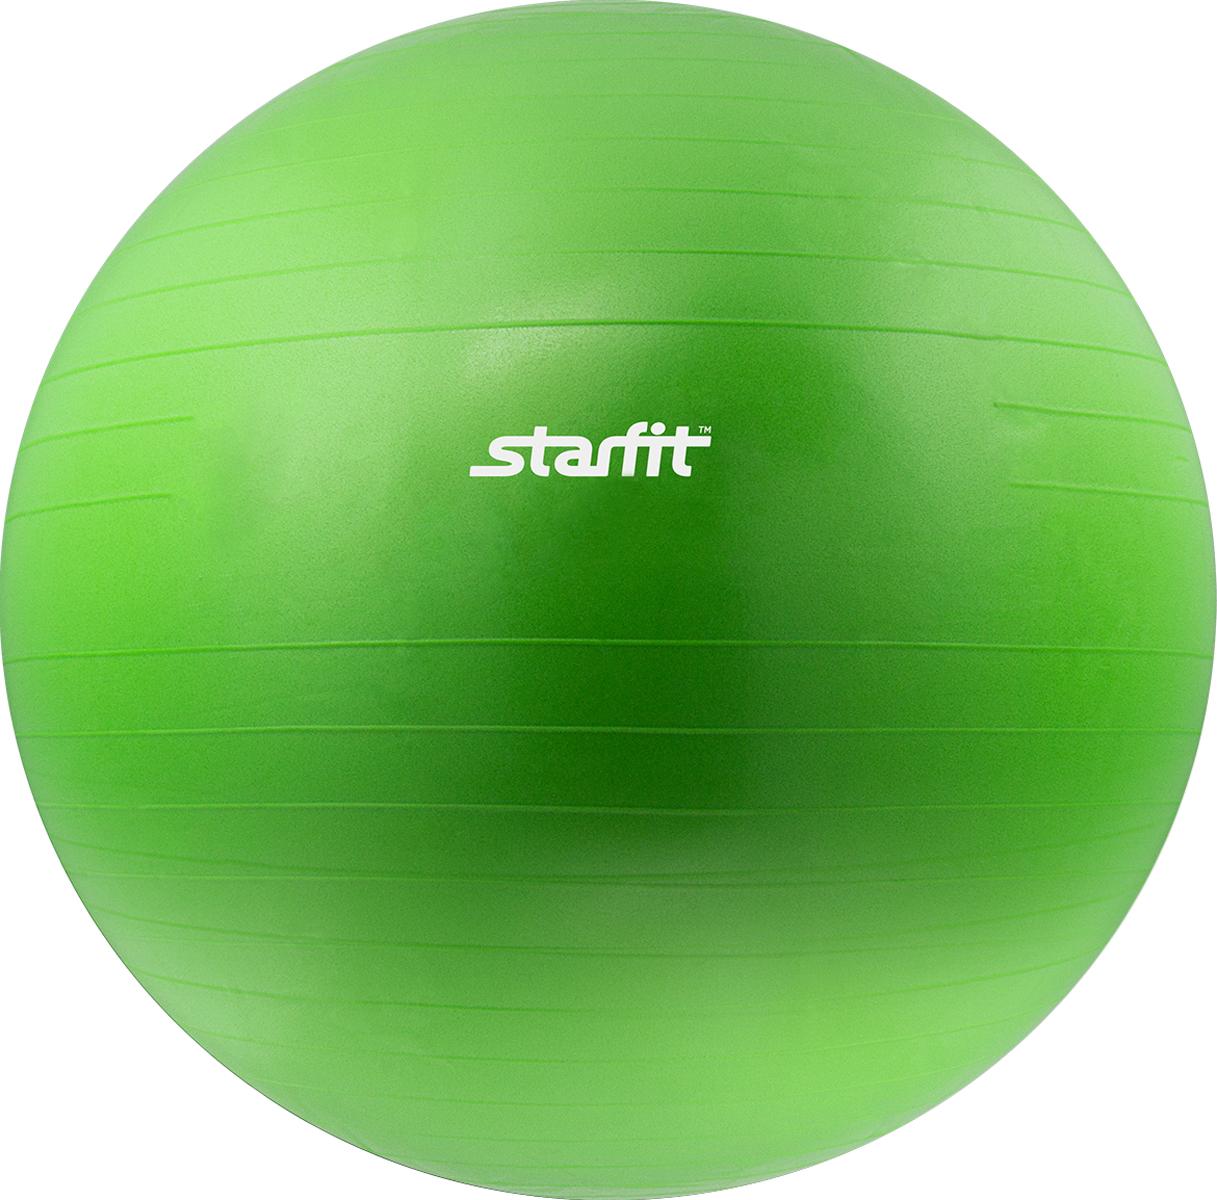 Мяч гимнастический Starfit, антивзрыв, цвет: зеленый, диаметр 55 смУТ-00007188С помощью гимнастического мяча Star Fit можно тренировать все мышцы тела, правильно выстроив тренировочный процесс и используя его как основной или второстепенный снаряд (создавая за счет него лишь синергизм действия, а не основу упражнения) для упражнения. Изделие выполнено из прочного ПВХ.Гимнастический мяч - это один из самых популярных аксессуаров в фитнесе. Его используют и женщины, и мужчины в функциональном тренинге, бодибилдинге, групповых программах, стретчинге (растяжке).Насос входит в комплект. Максимальный вес пользователя: 100 кг. Йога: все, что нужно начинающим и опытным практикам. Статья OZON Гид